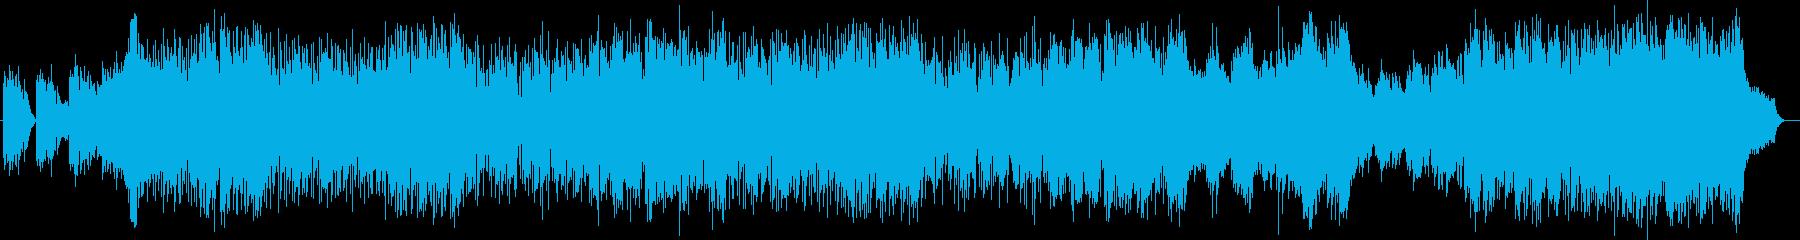 爽やかで明るいシンセピアノサウンドの再生済みの波形